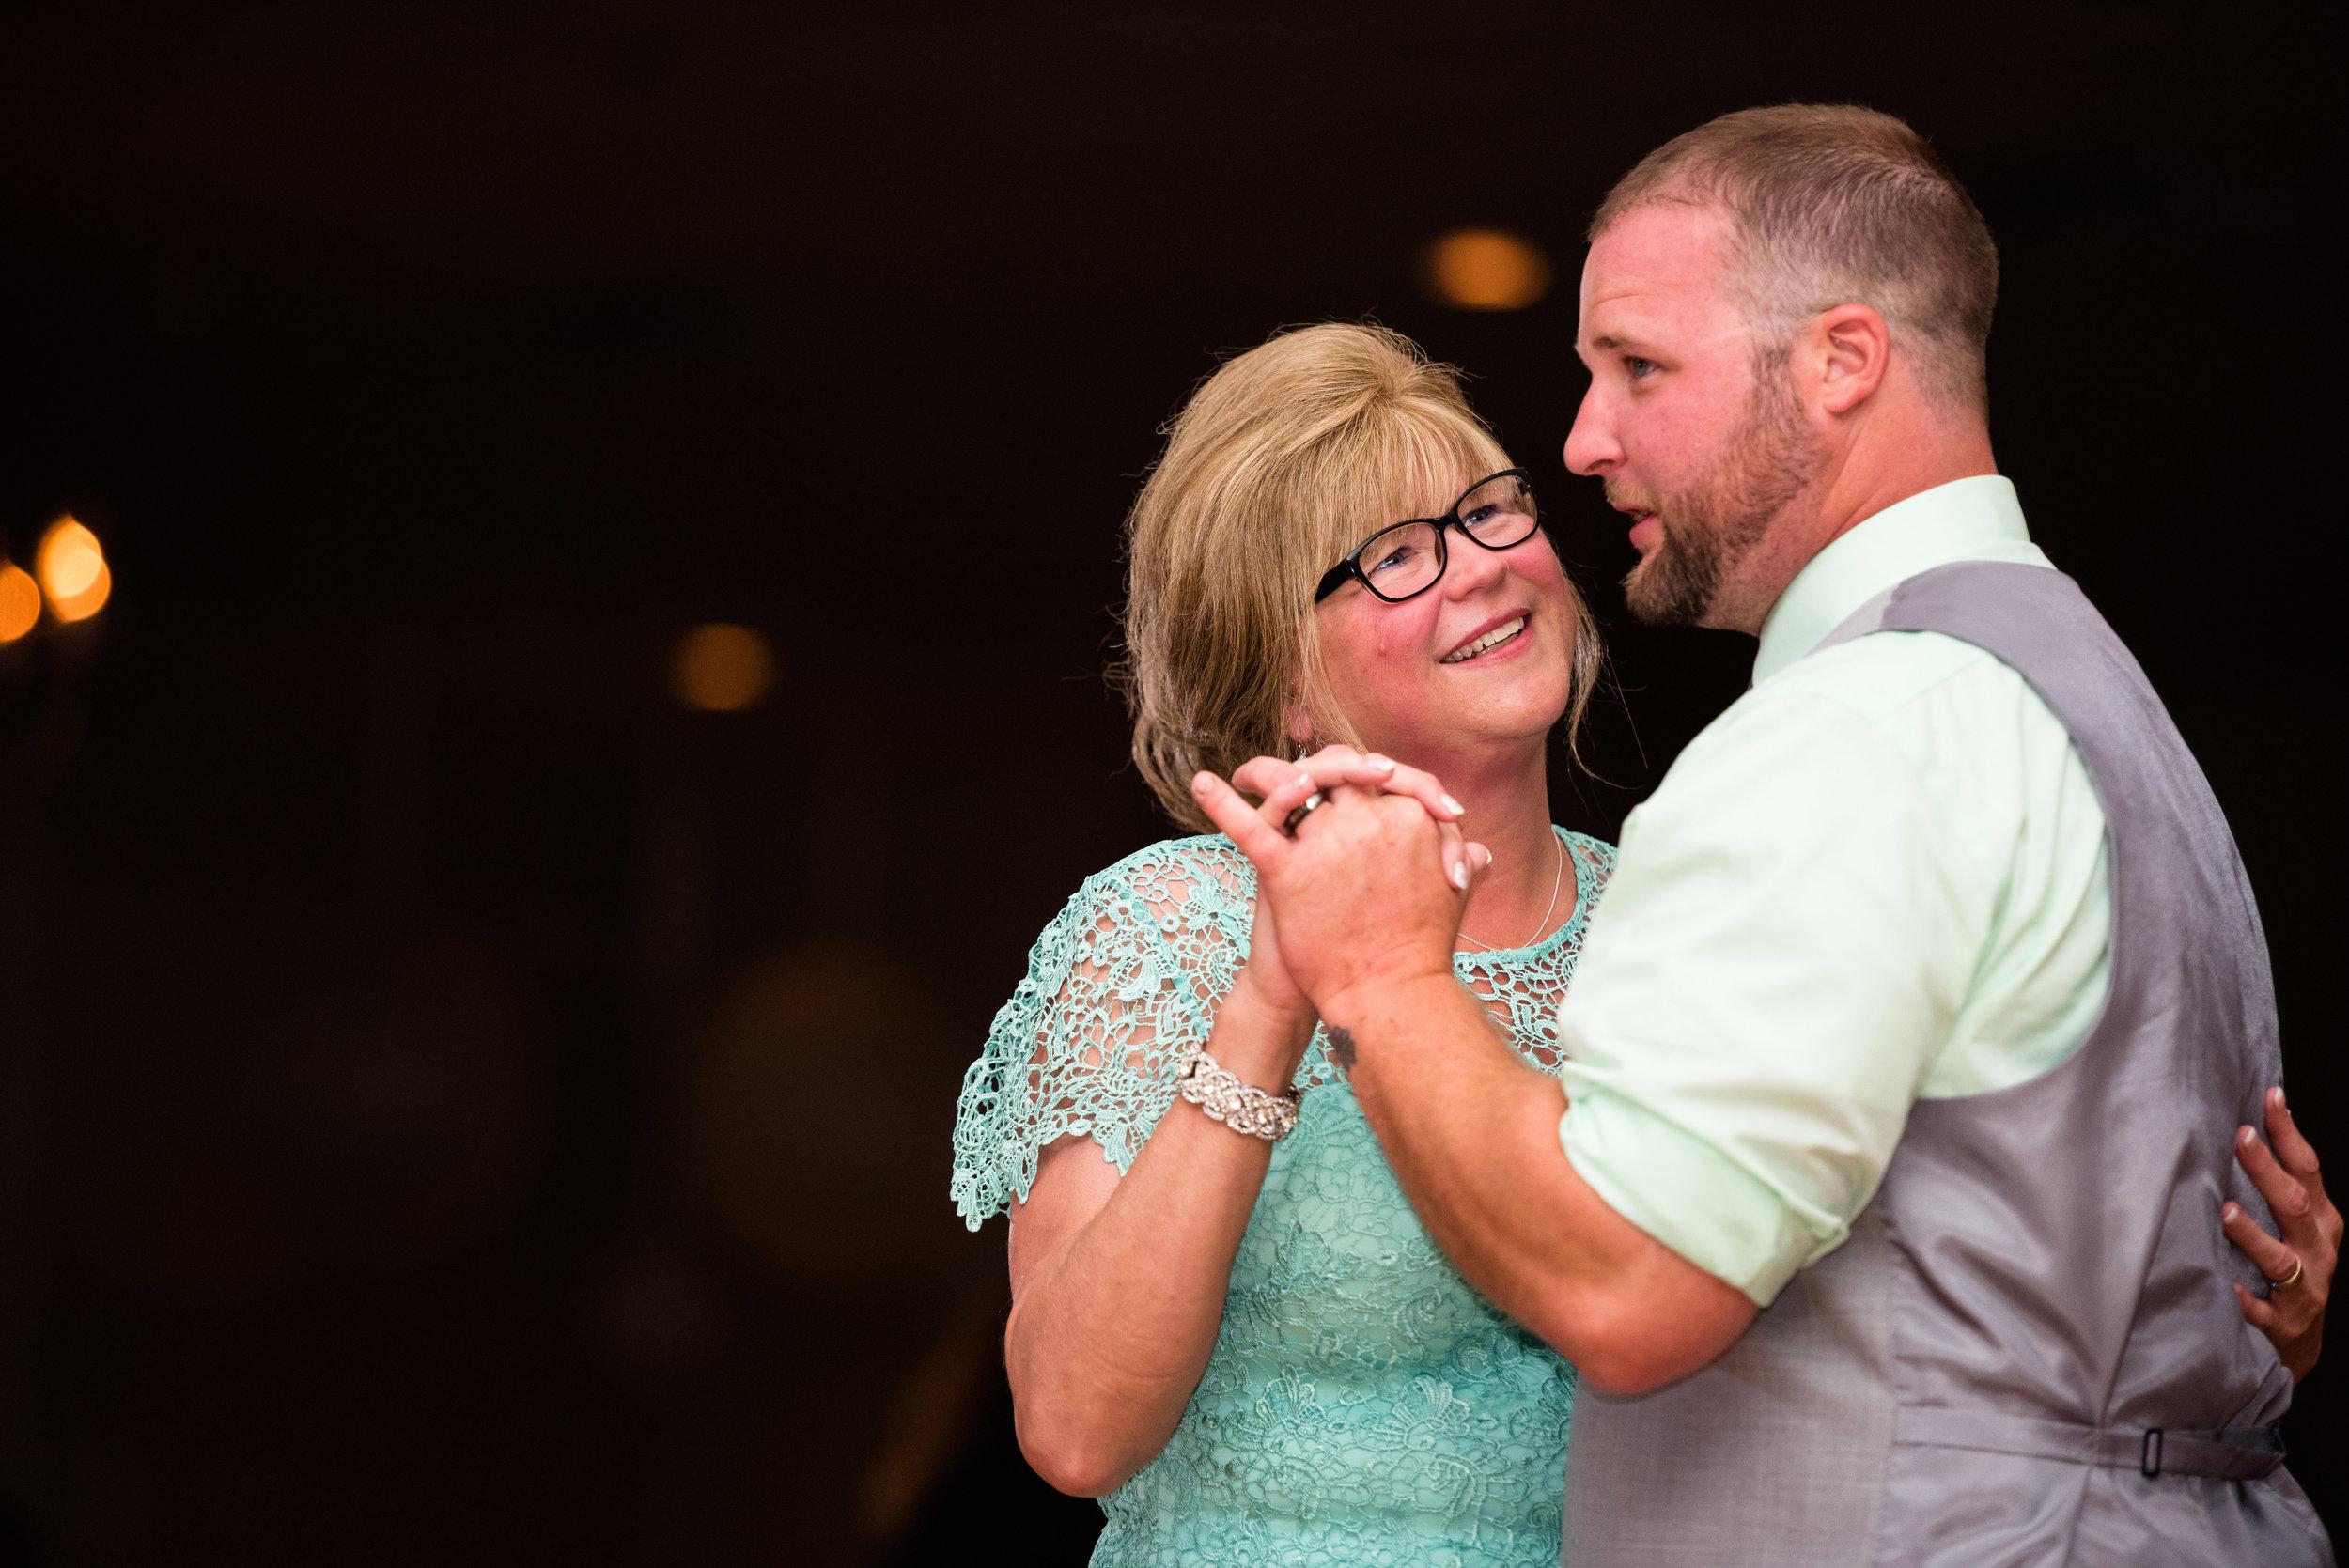 toledo ohio wedding photographer-27.jpg